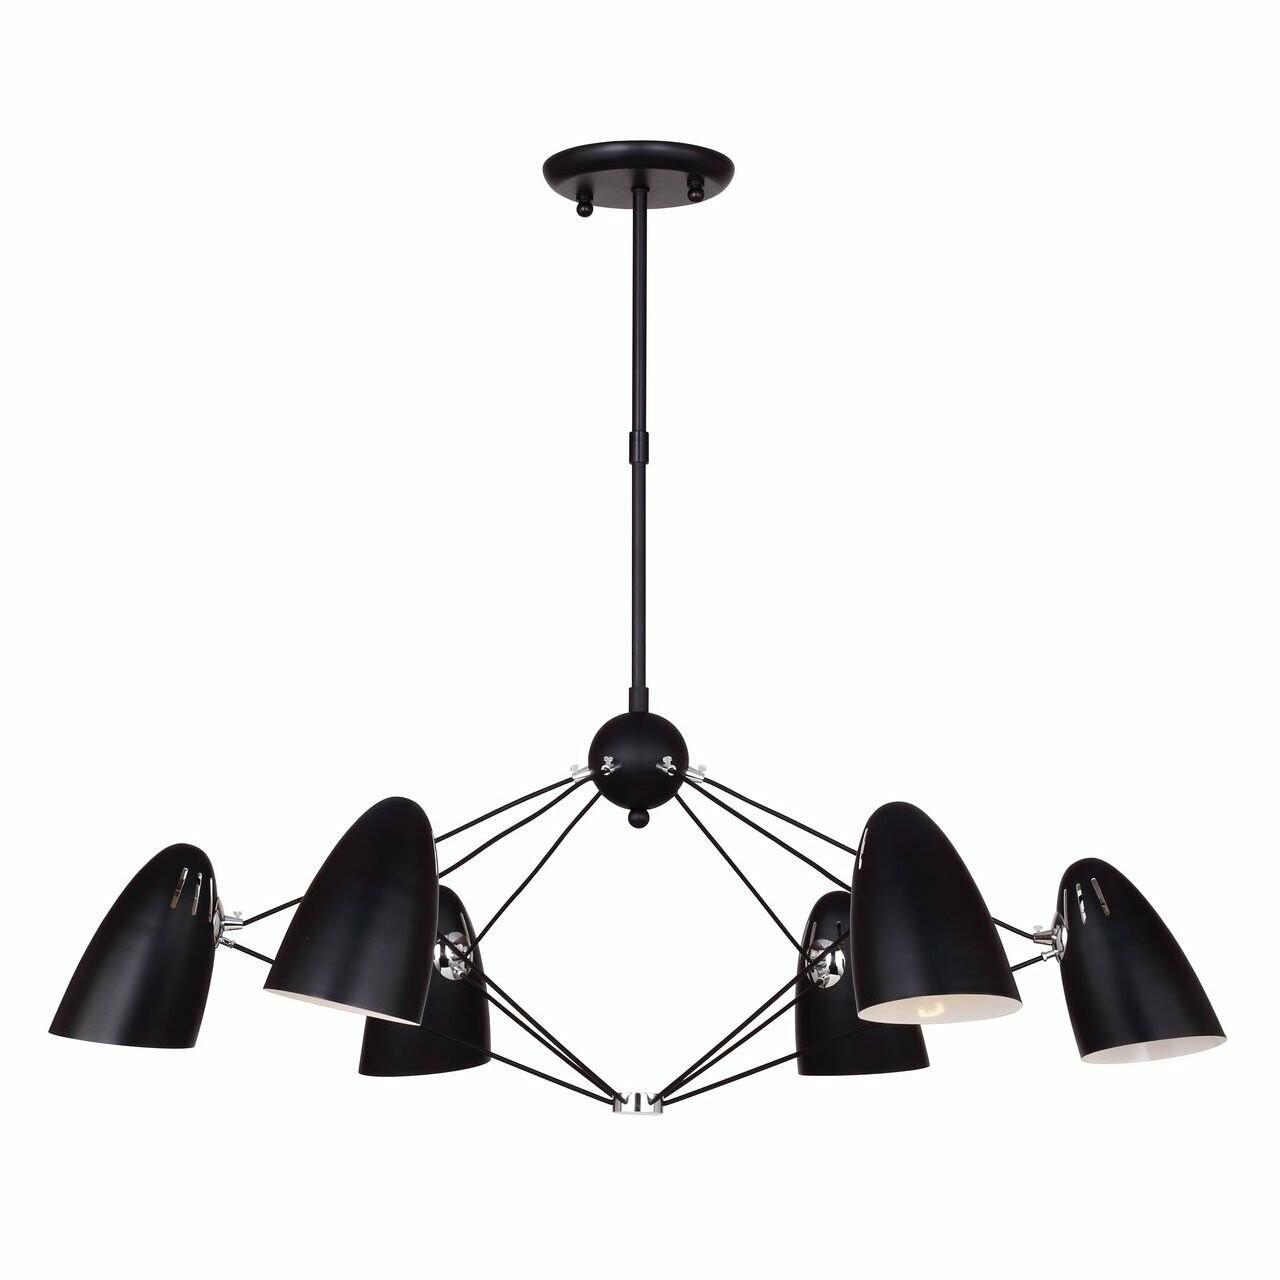 Favourite - оригинальные декоративные светильники можно купить в Белгороде